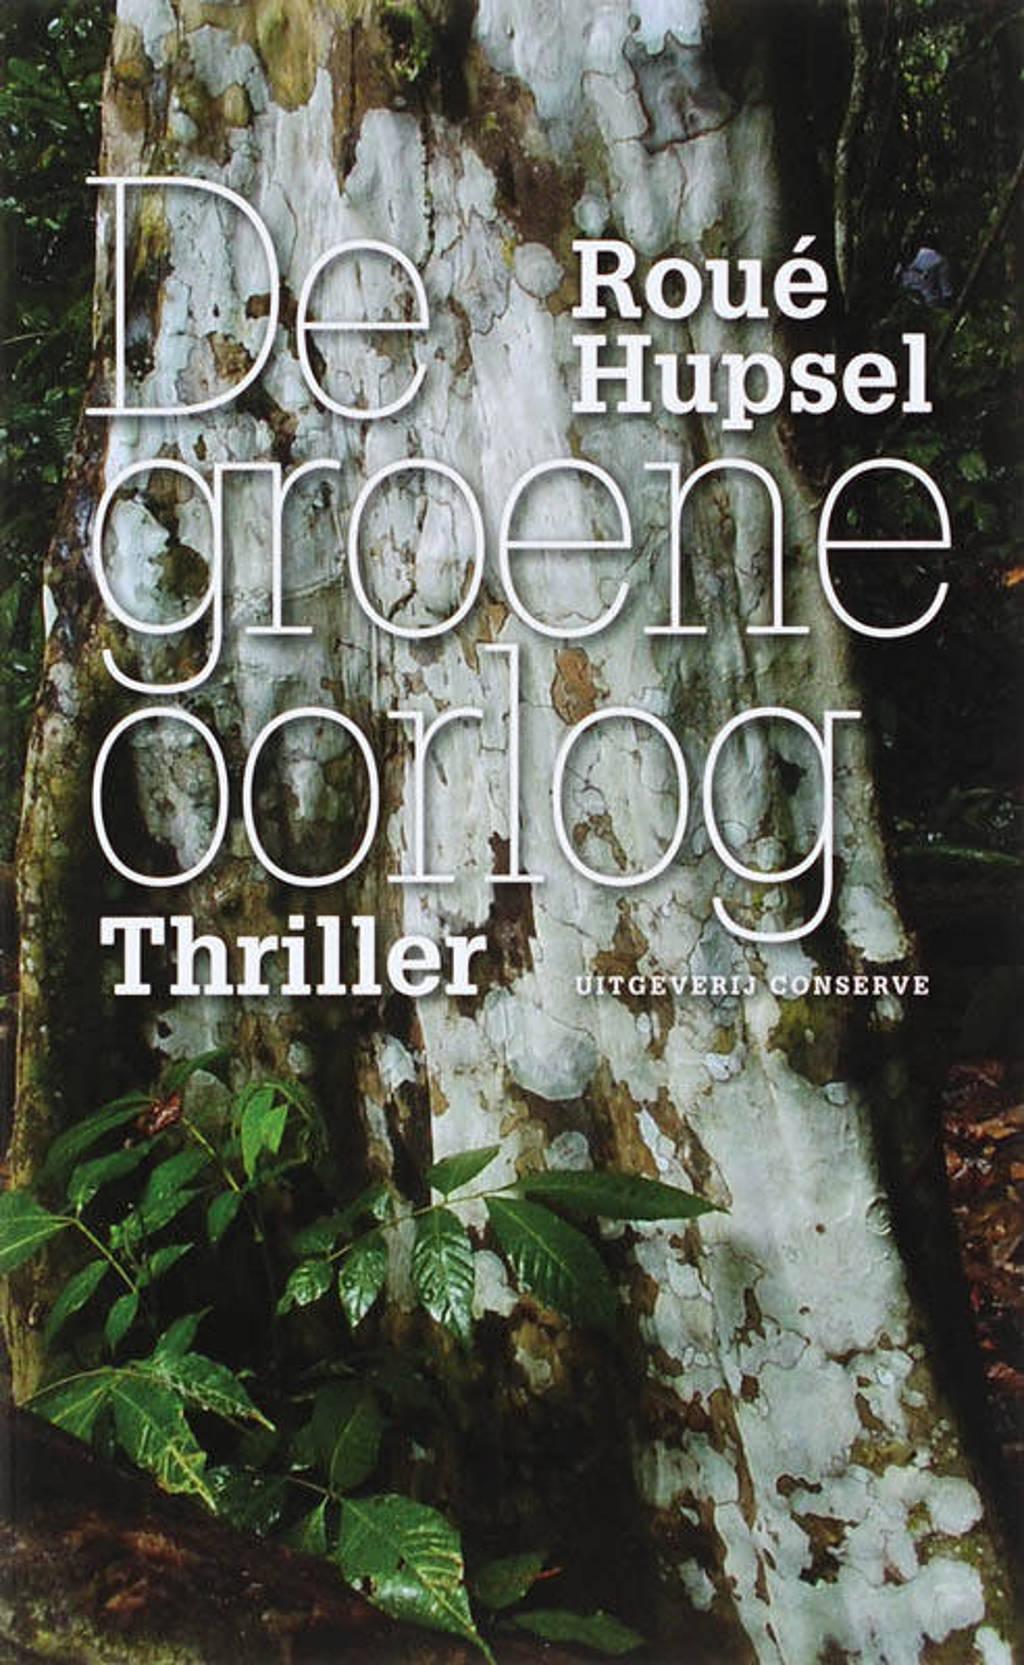 De groene oorlog - Roue Hupsel